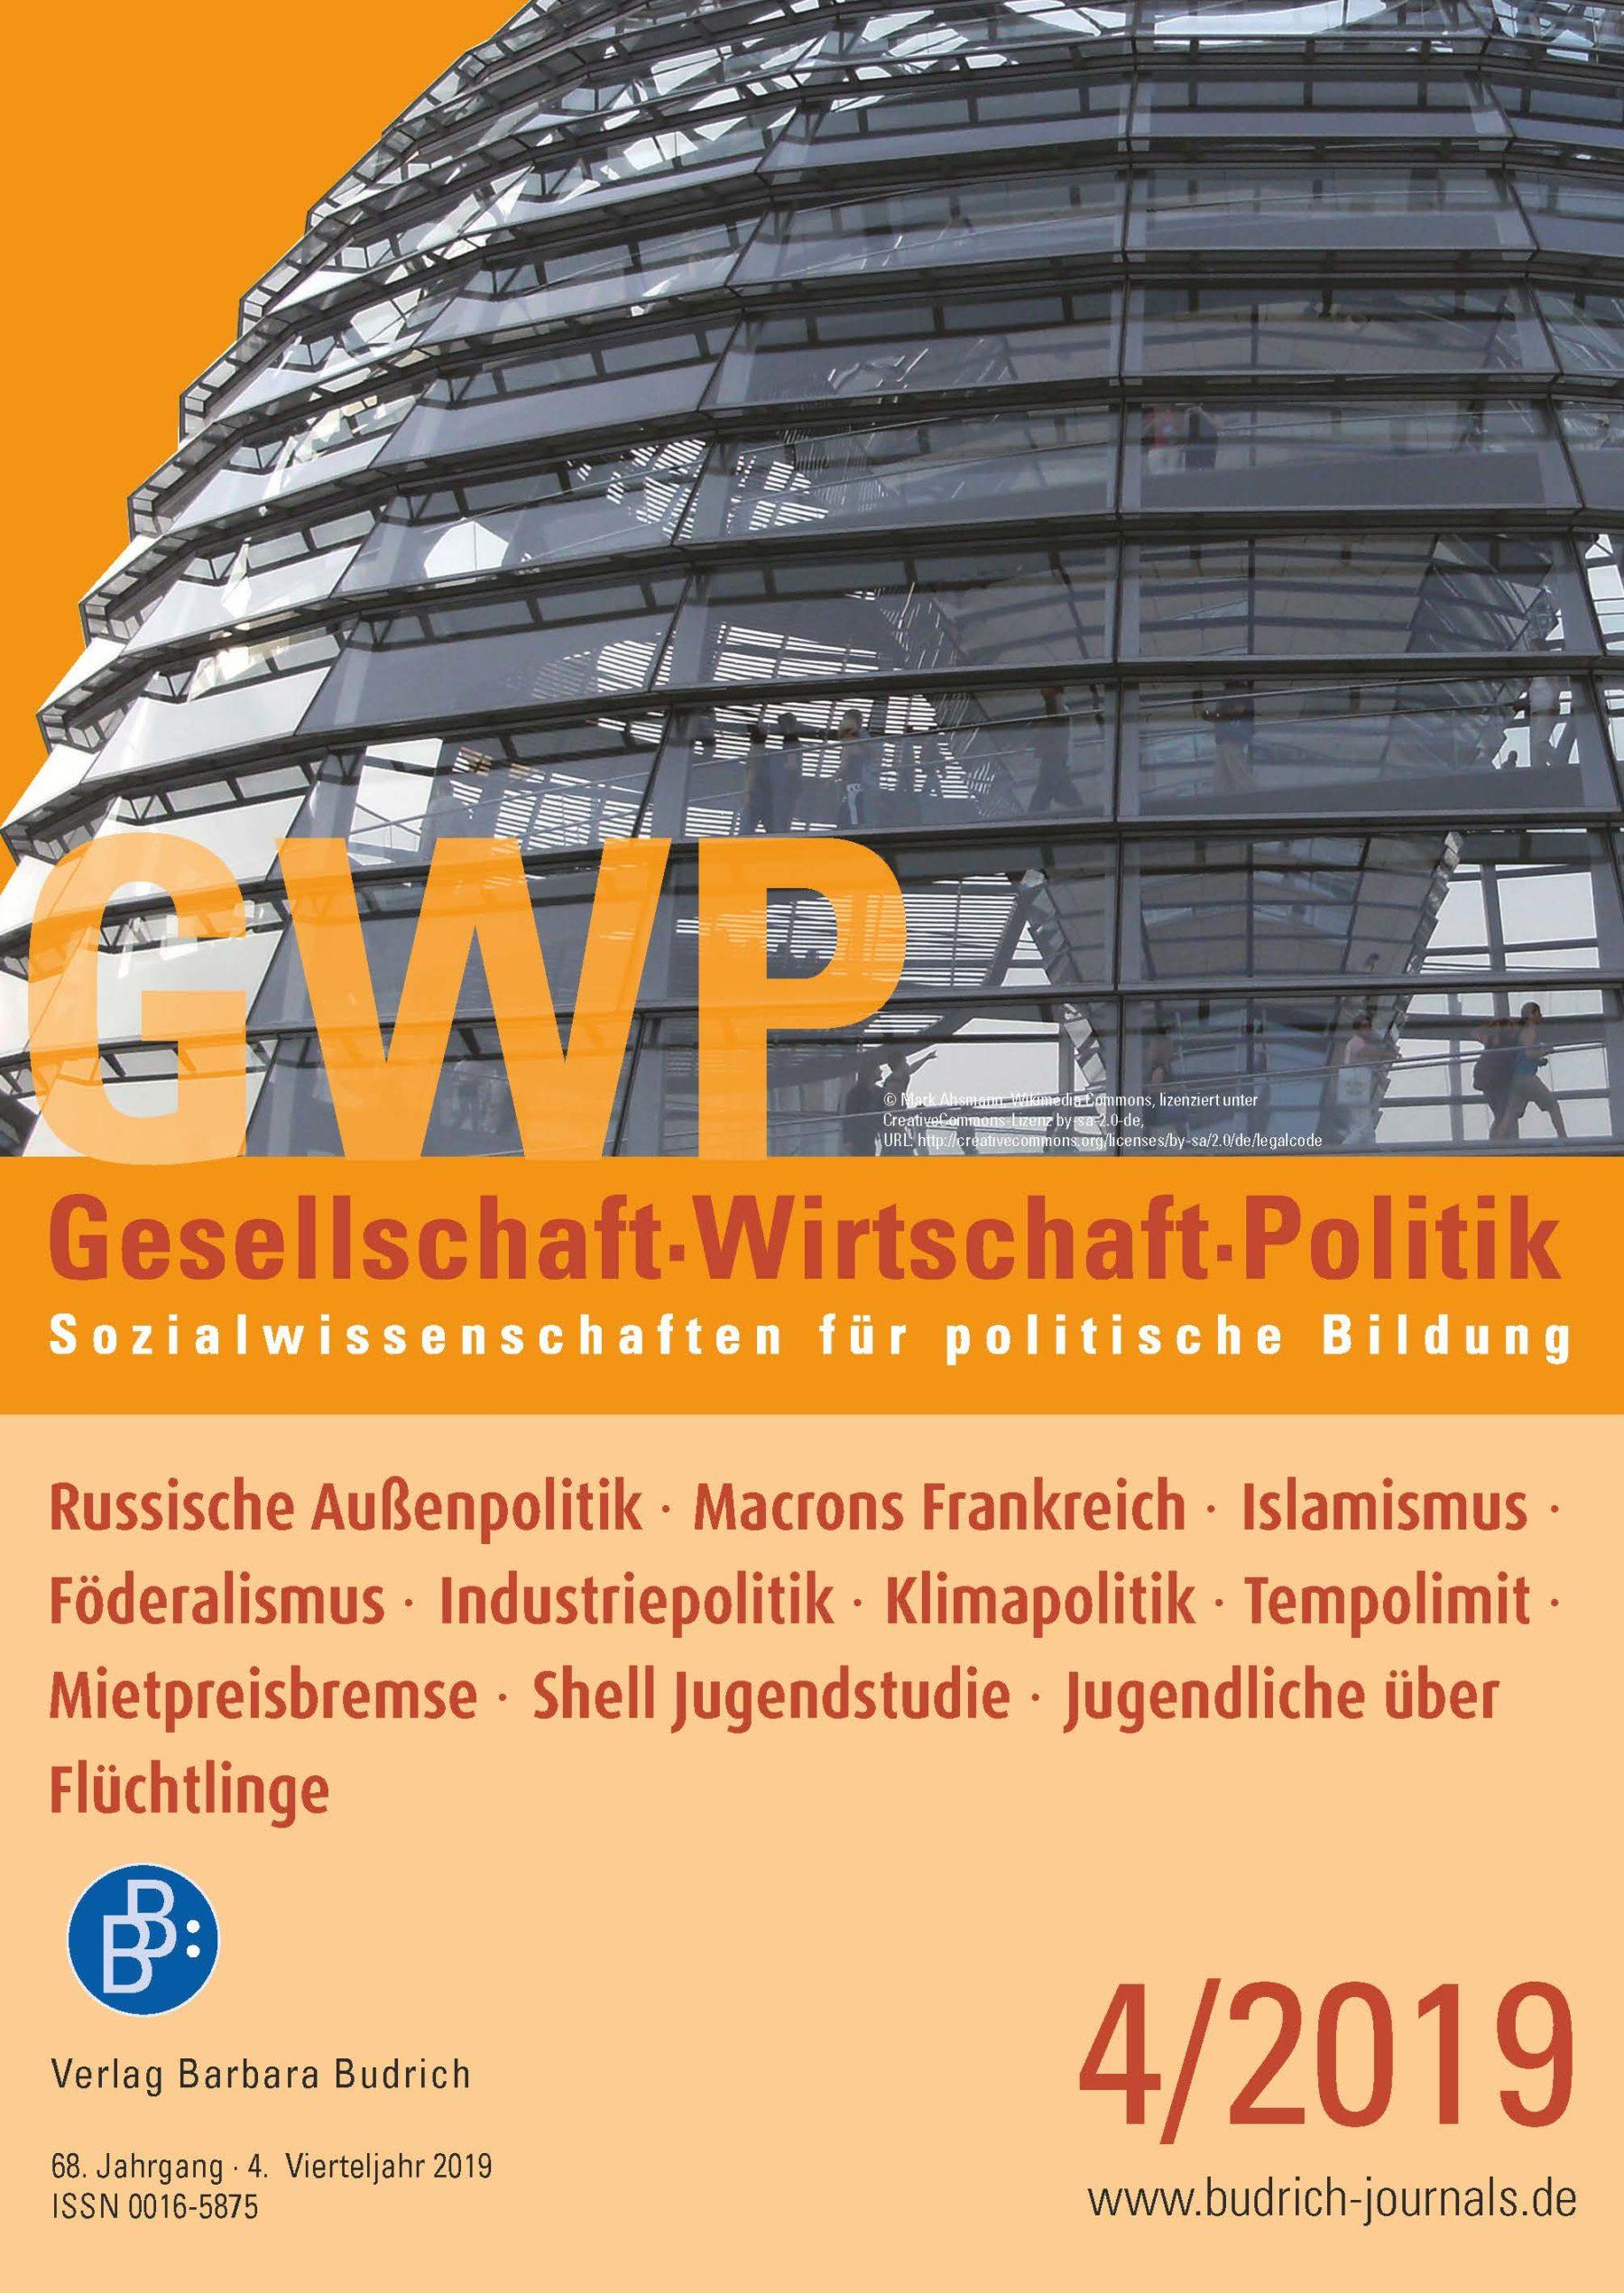 GWP – Gesellschaft. Wirtschaft. Politik 4-2019